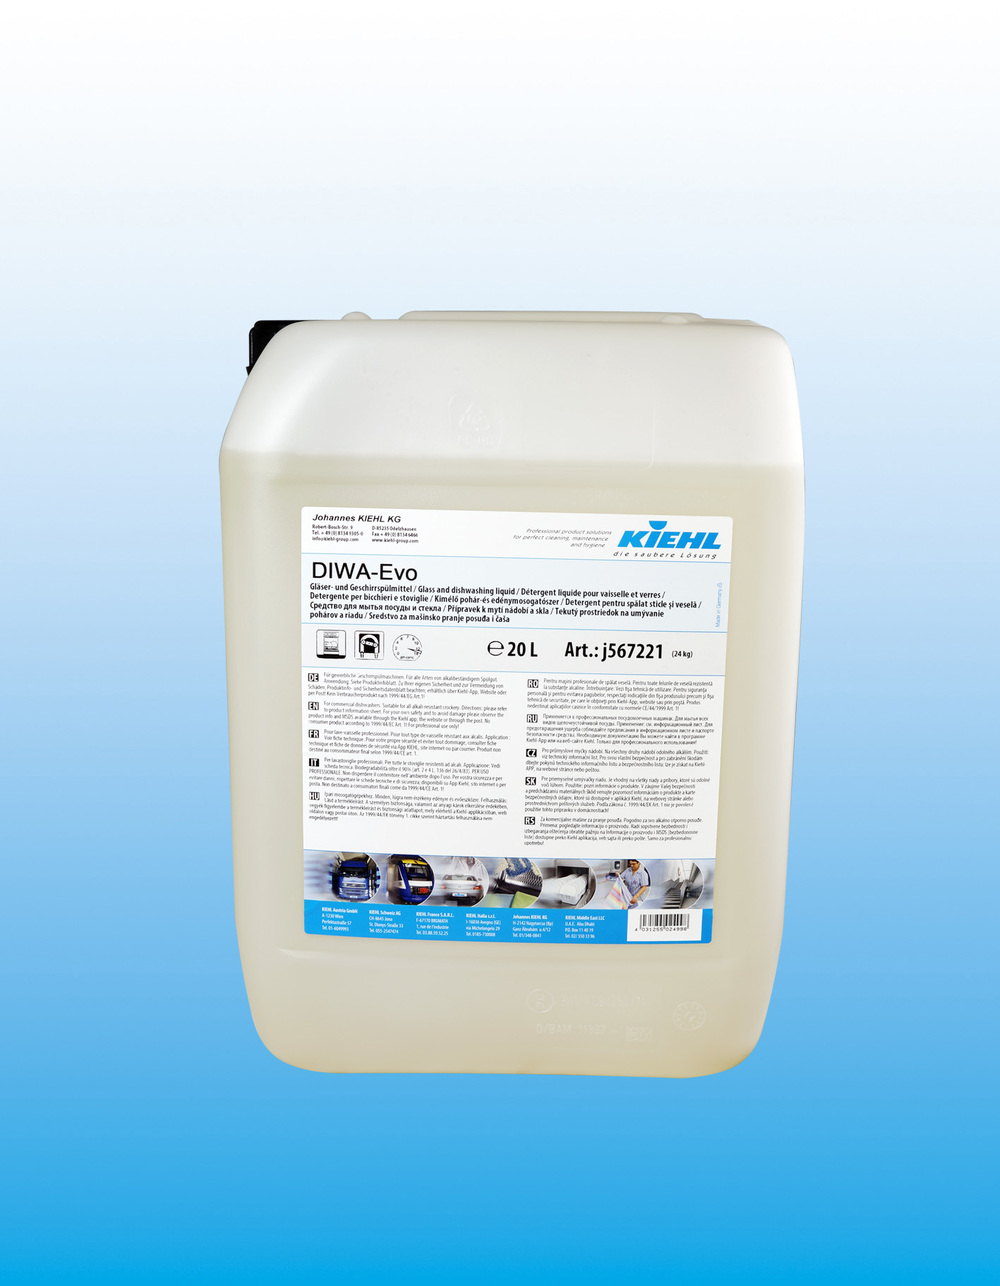 Diwa Evo - Glass og oppvask-middelOppvaskmiddel for profesjonelle oppvask-maskiner. DIWA-Evo fjerner raskt og effektivt matrester samt kaffe og te flekker. Stivelse bygget opp på servise vil bli kraftig redusert. DIWA-Evo er fri for NTA, klor og fosfat er og derfor skånsom og miljøvennlig.